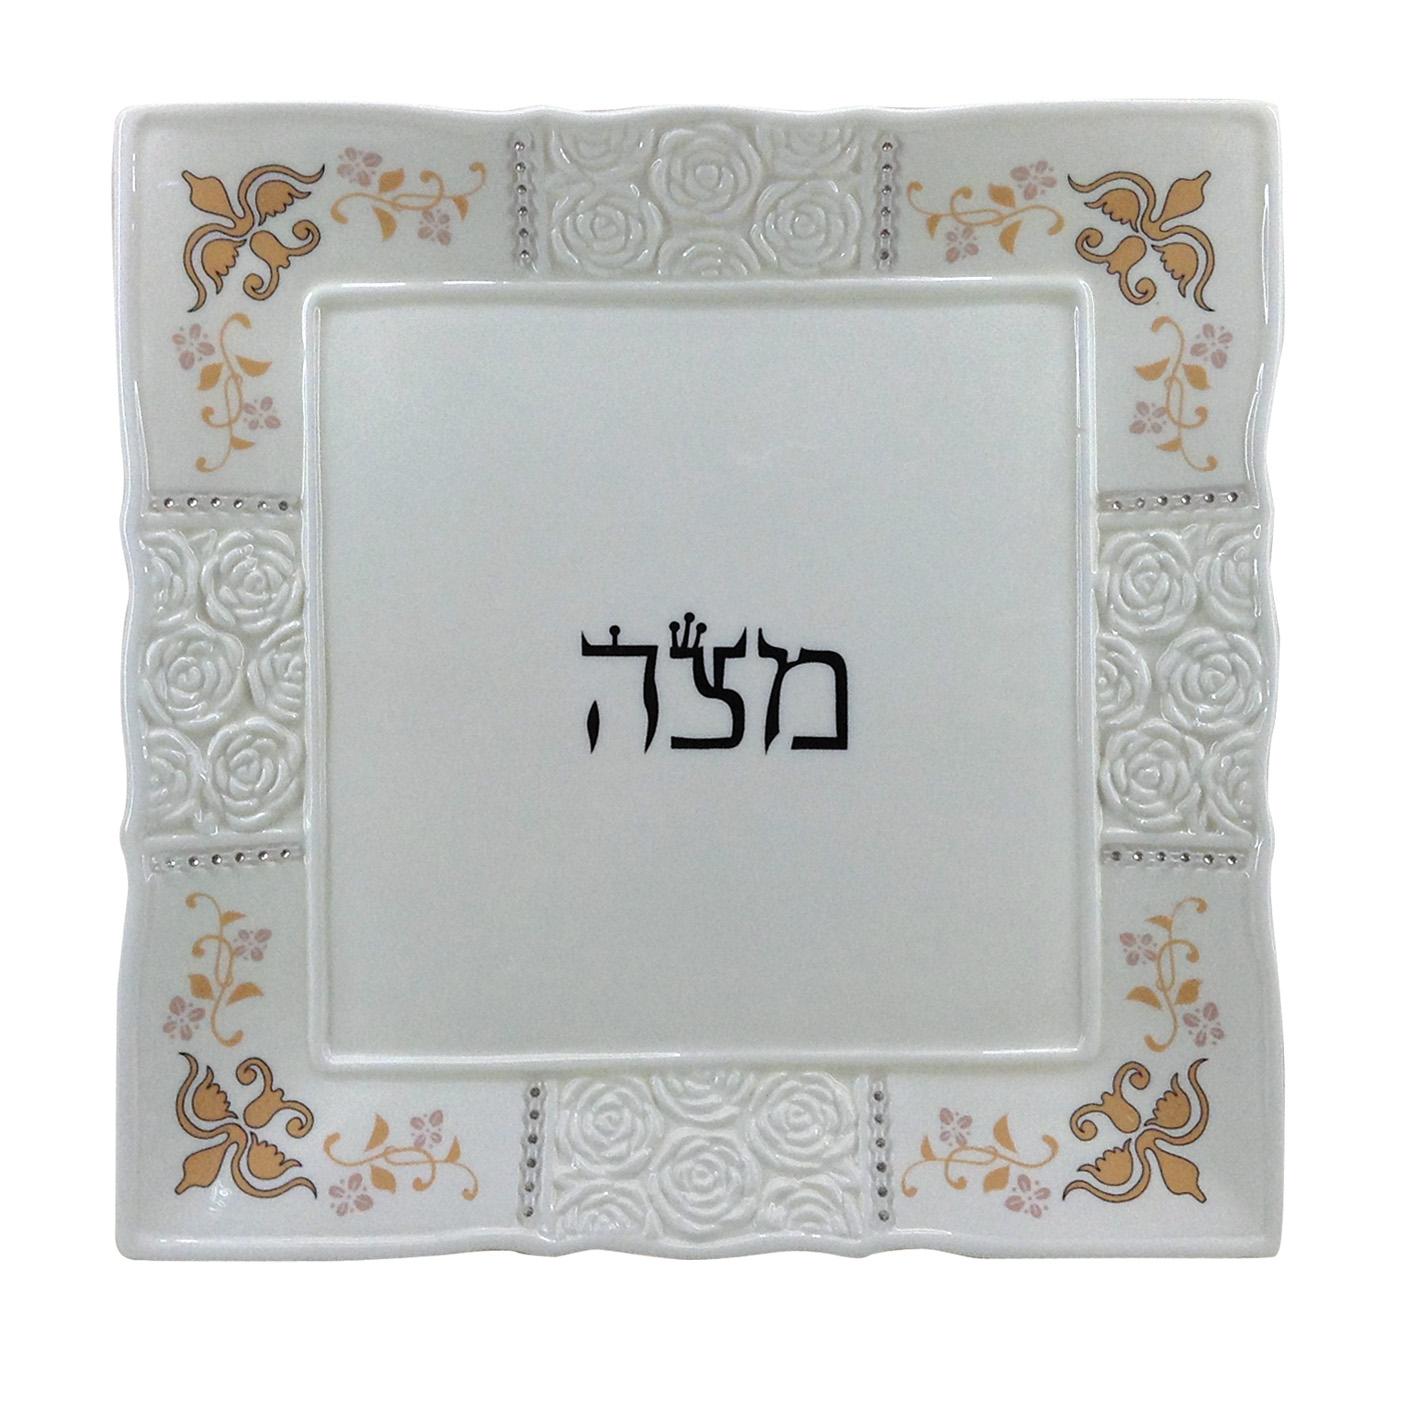 הרמוניה לבית צלחת מצות מעוצבת המחיר 19.90 שח צלם אסף לוי (3) (Custom)